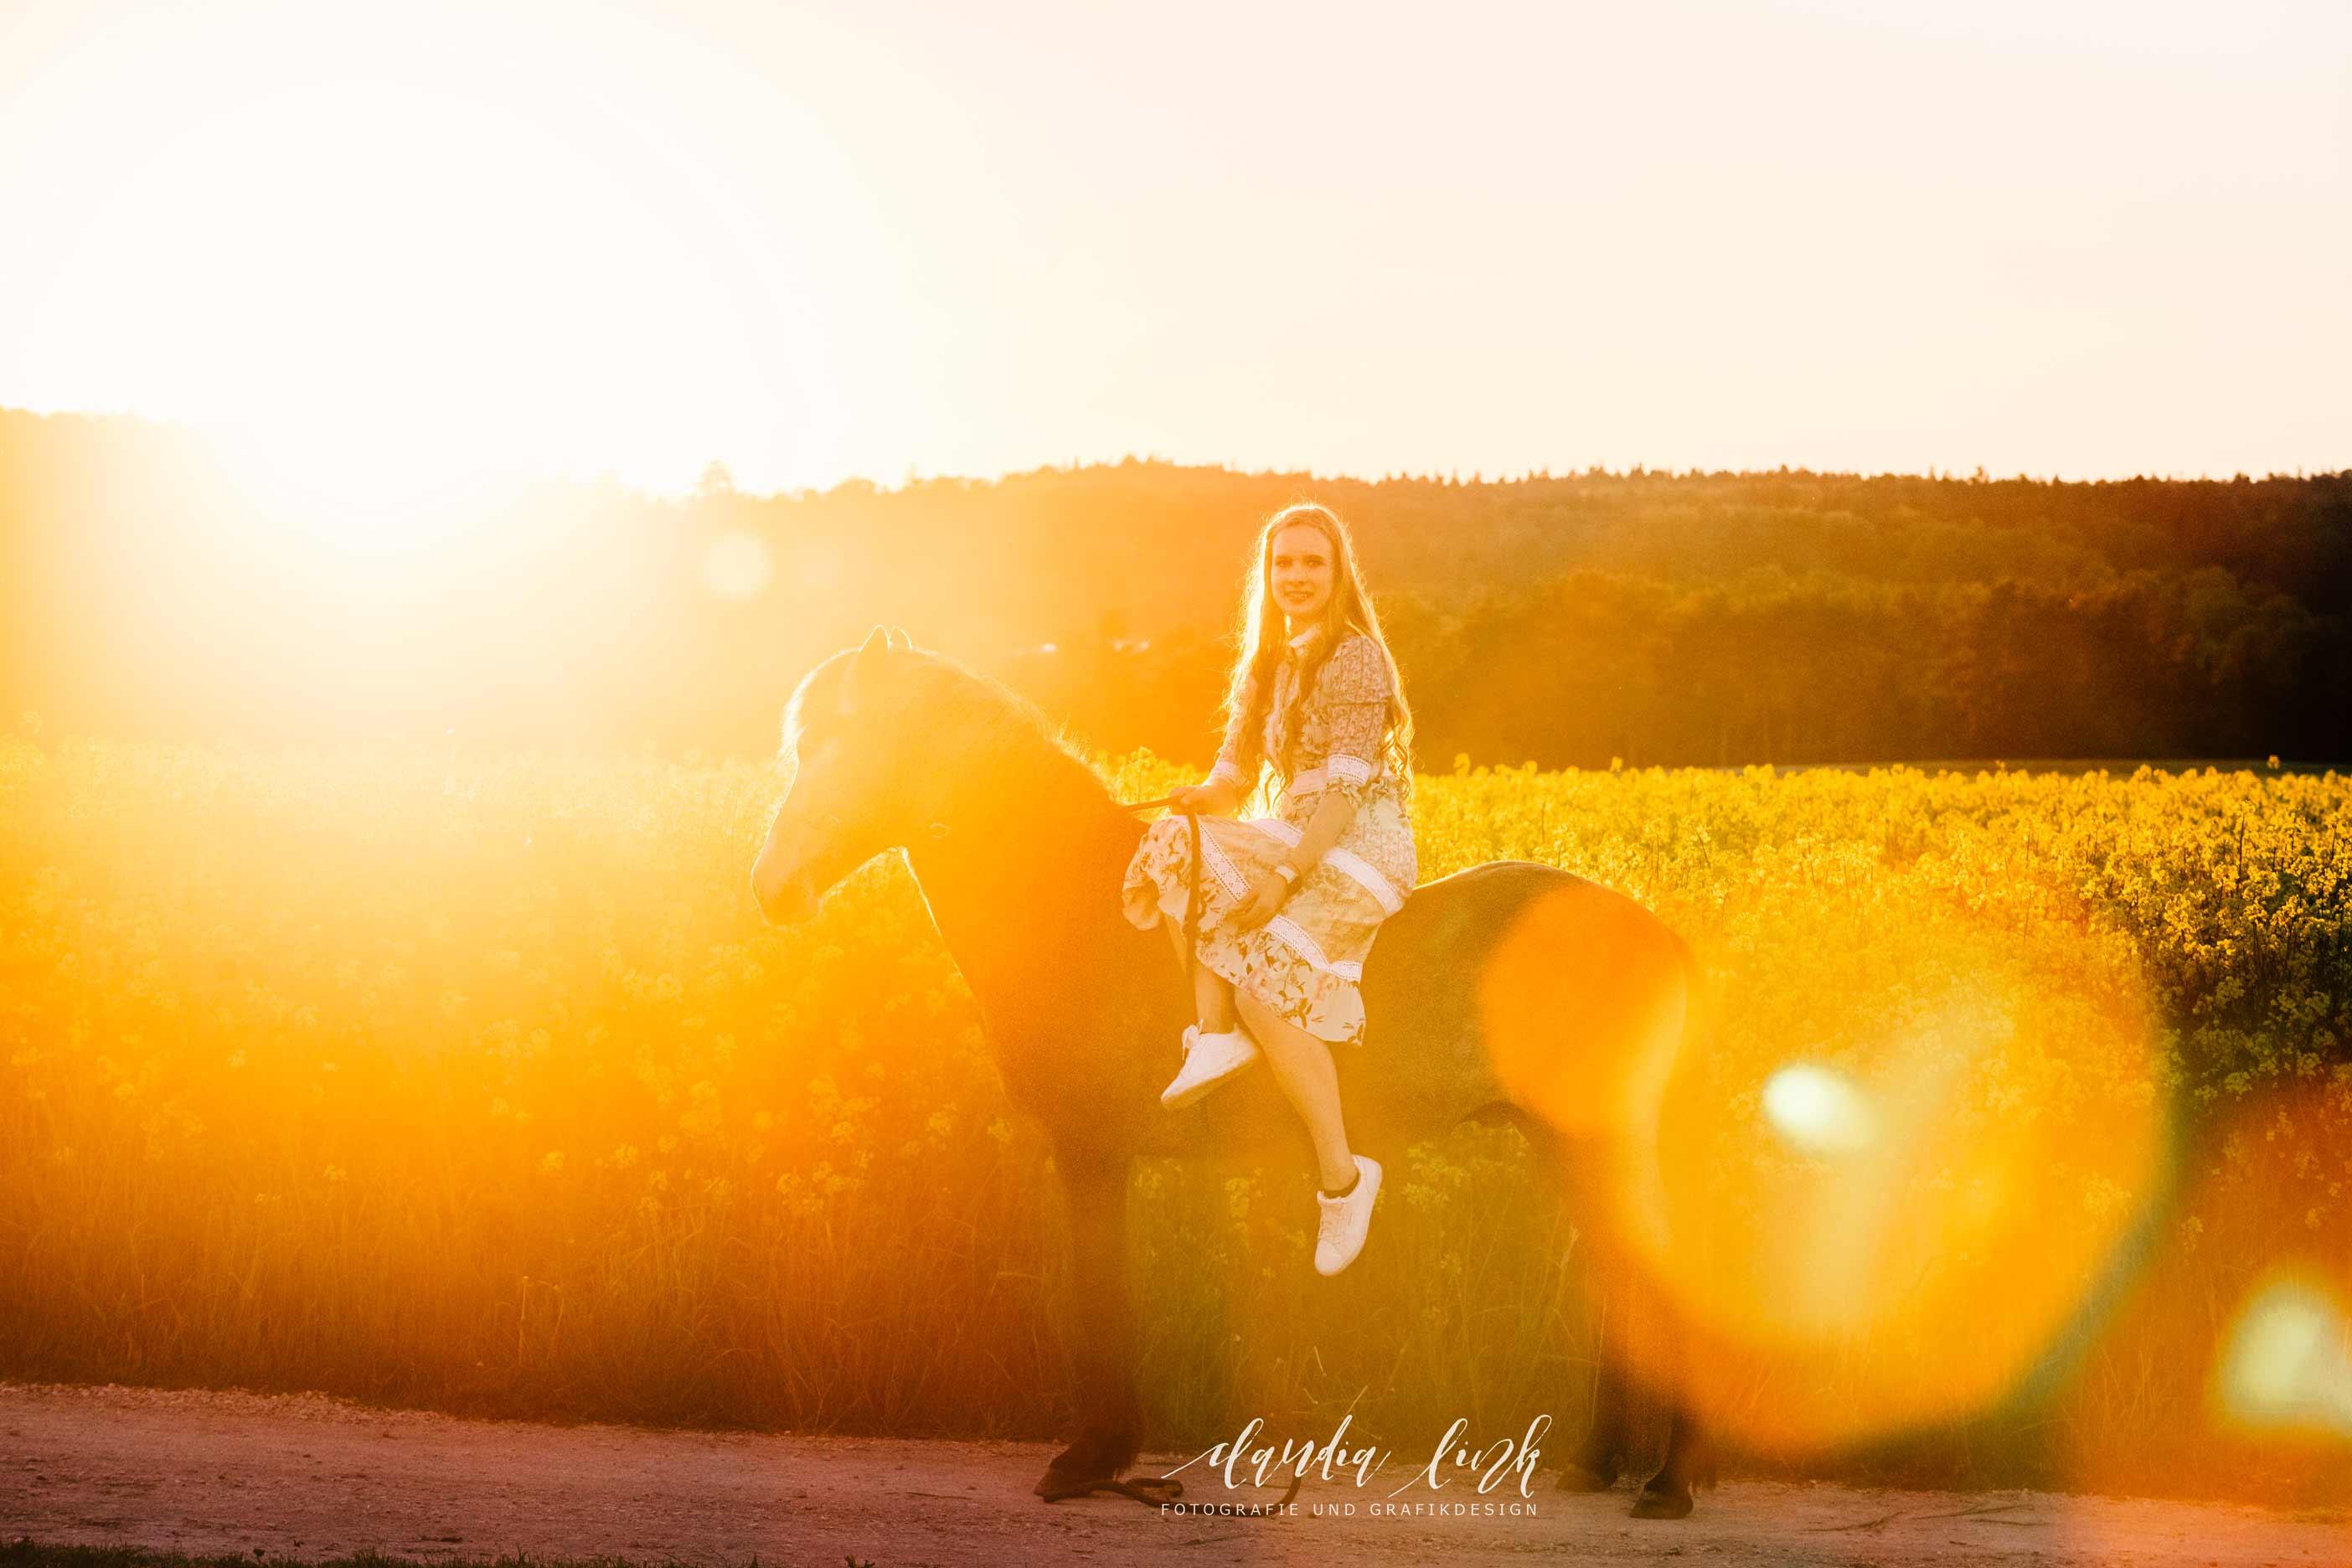 Sommerliches Pferdeshooting bei Sonnenuntergang IMG 8840w